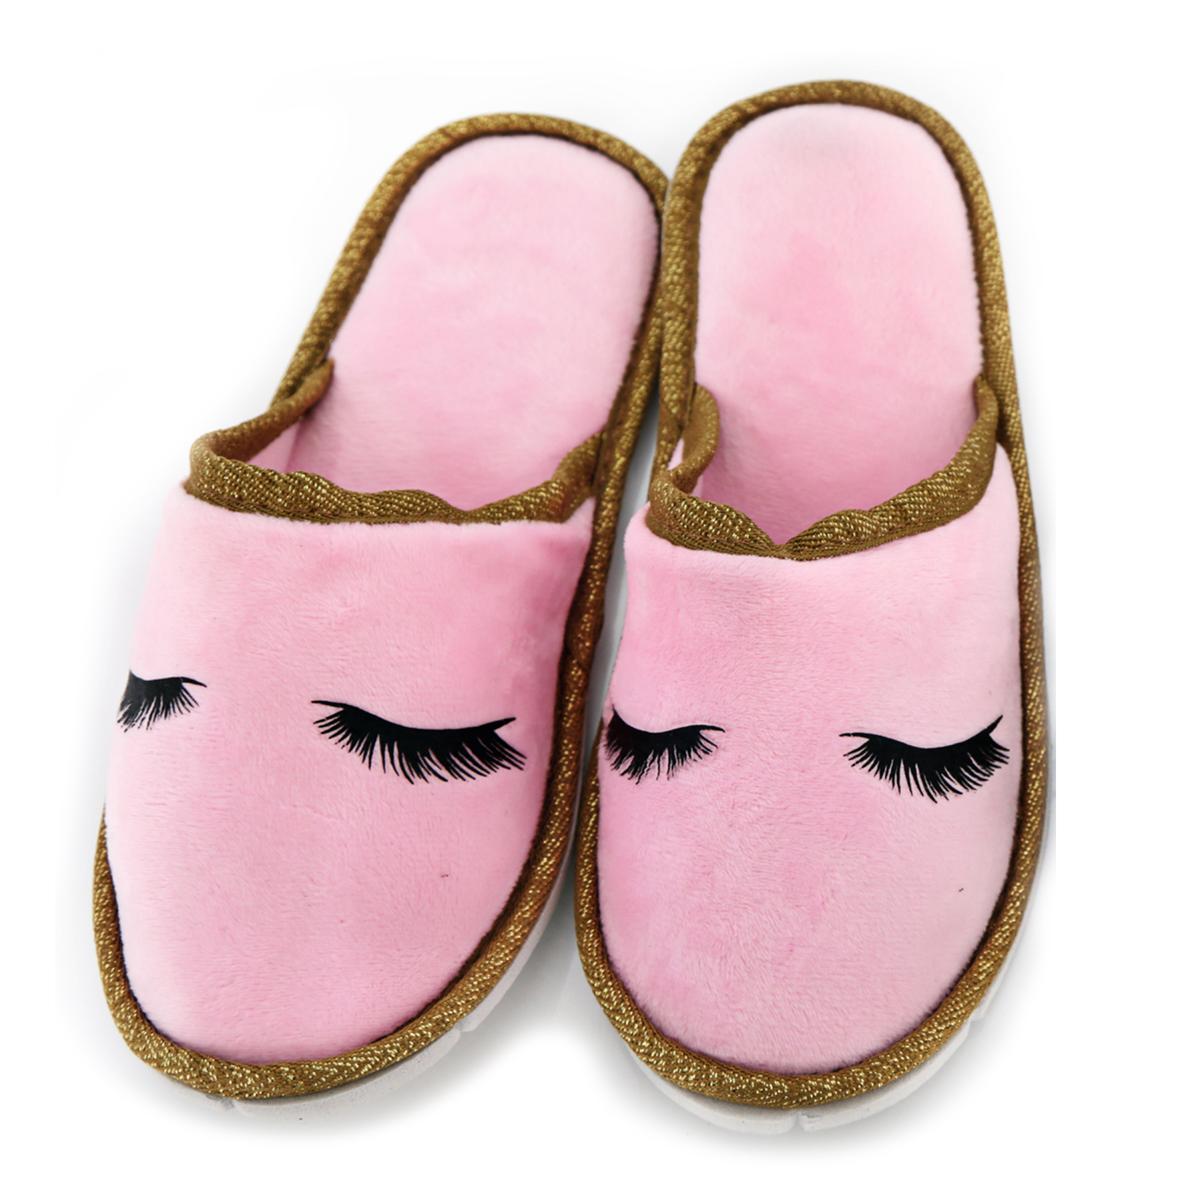 Chausson pantoufles \'Diva - Yeux Endormis\' rose - taille S (34/37) - [A0050]